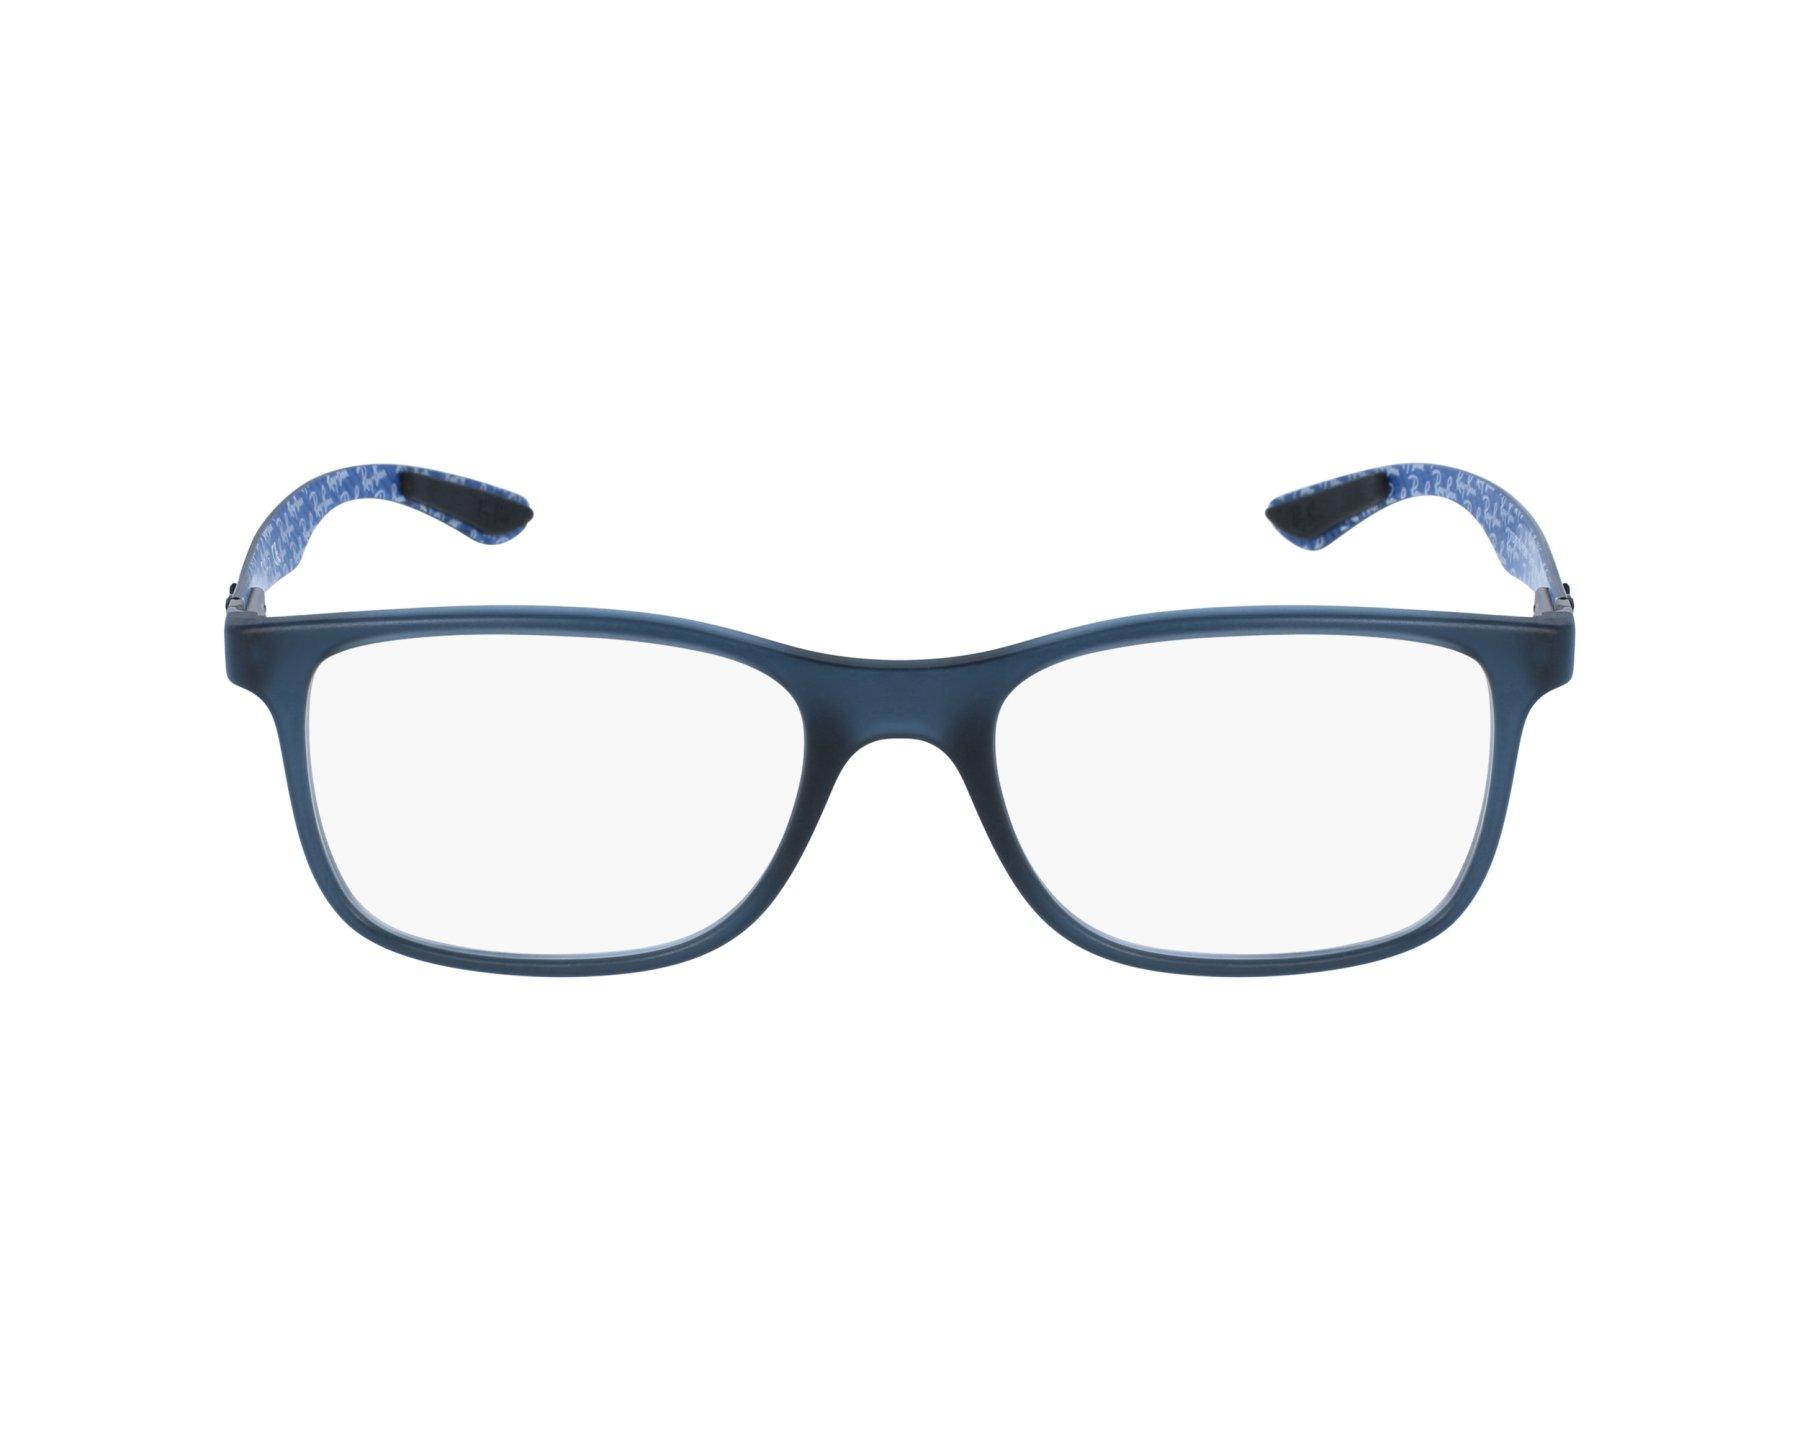 f425e0d12f Lunettes de vue Ray-Ban RX-8903 5262 53-18 Bleu Carbonne vue